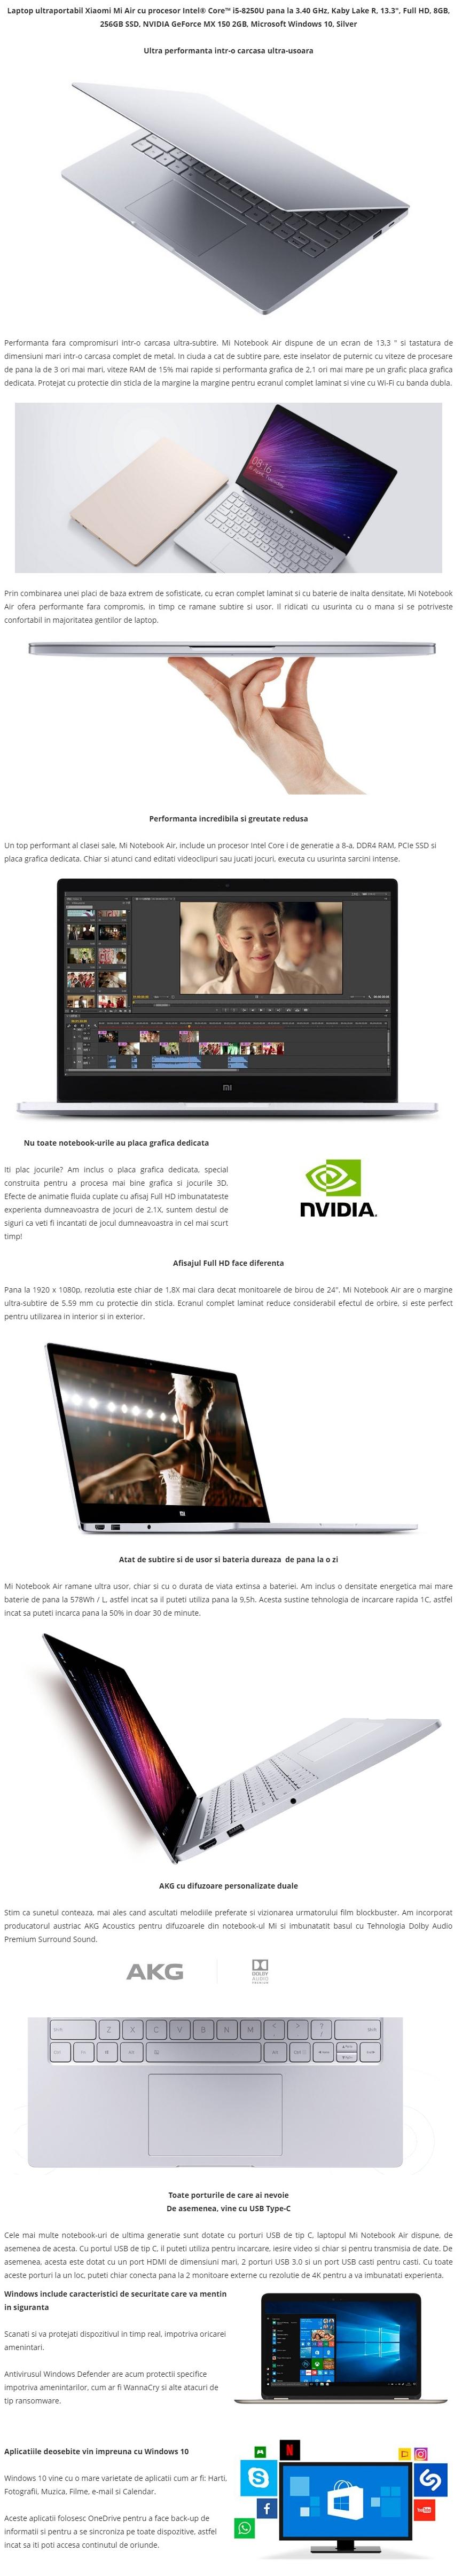 prezentare-laptop-xiaomi-mi-air30f1803b395663f7.png